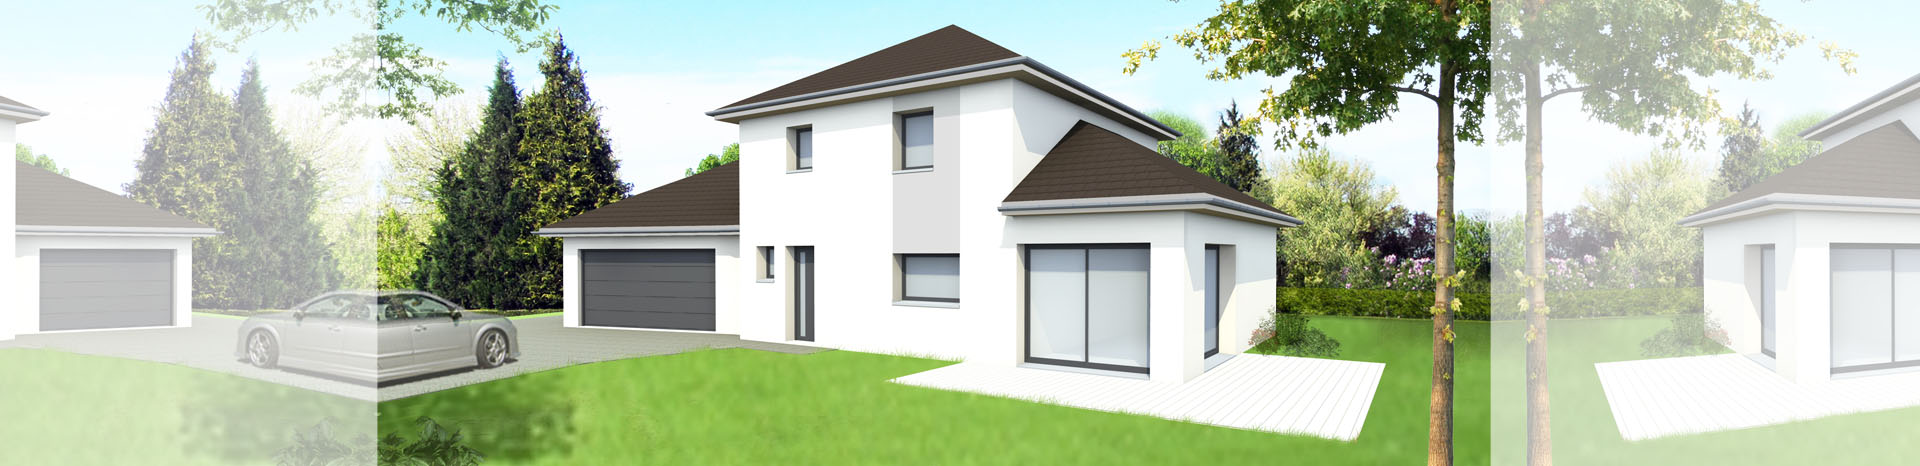 Modèle de maison Guy Thomas Concept